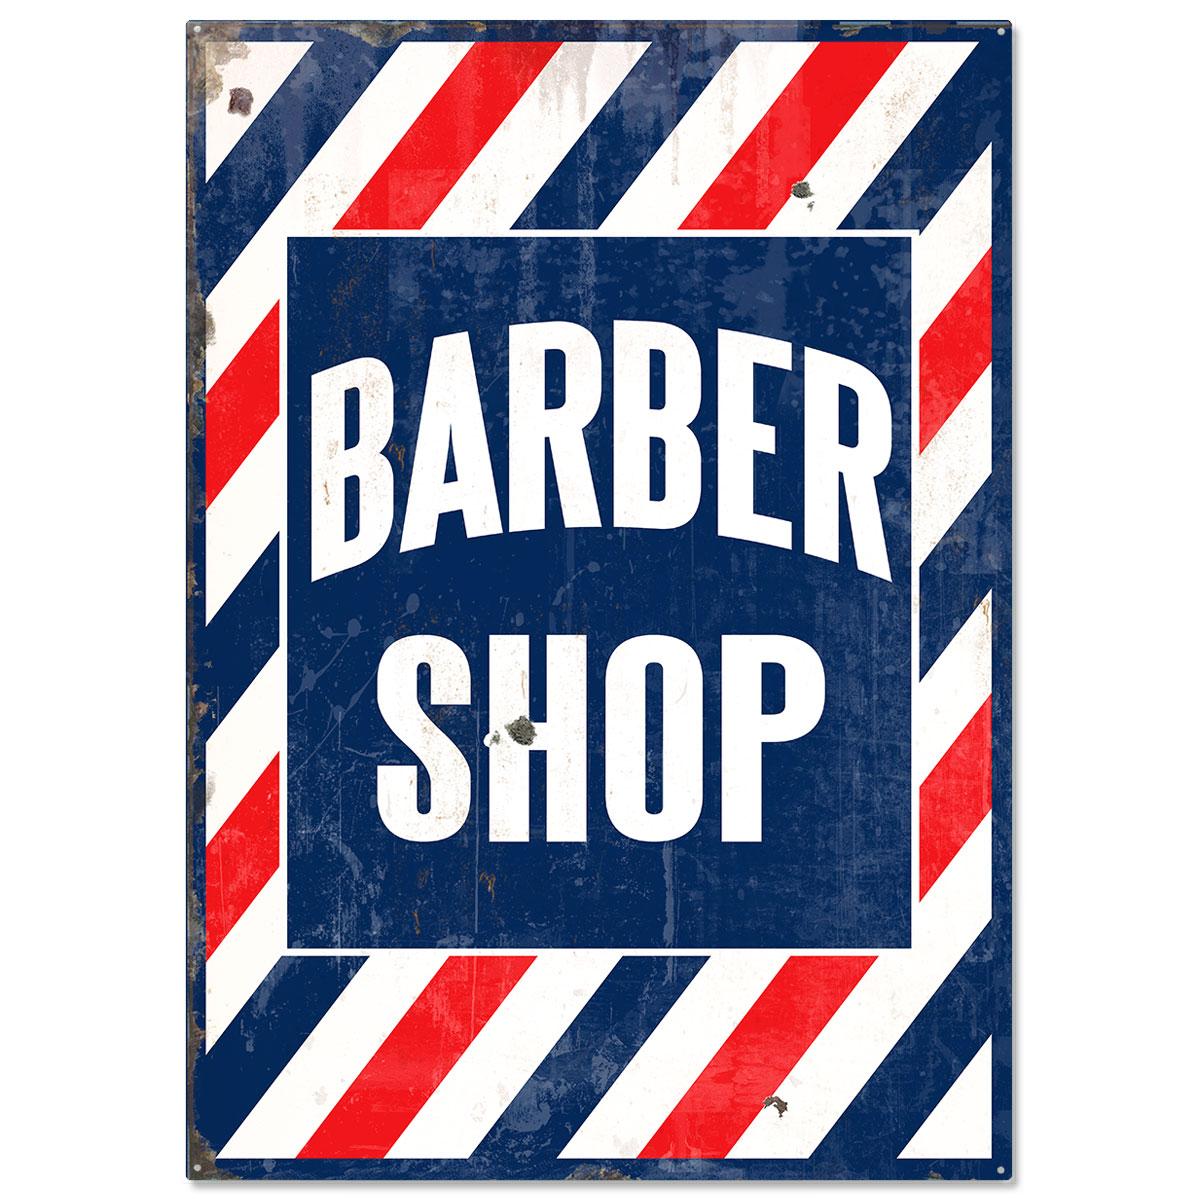 Barber Shop Distressed Stripes Large Sign Vintage Style